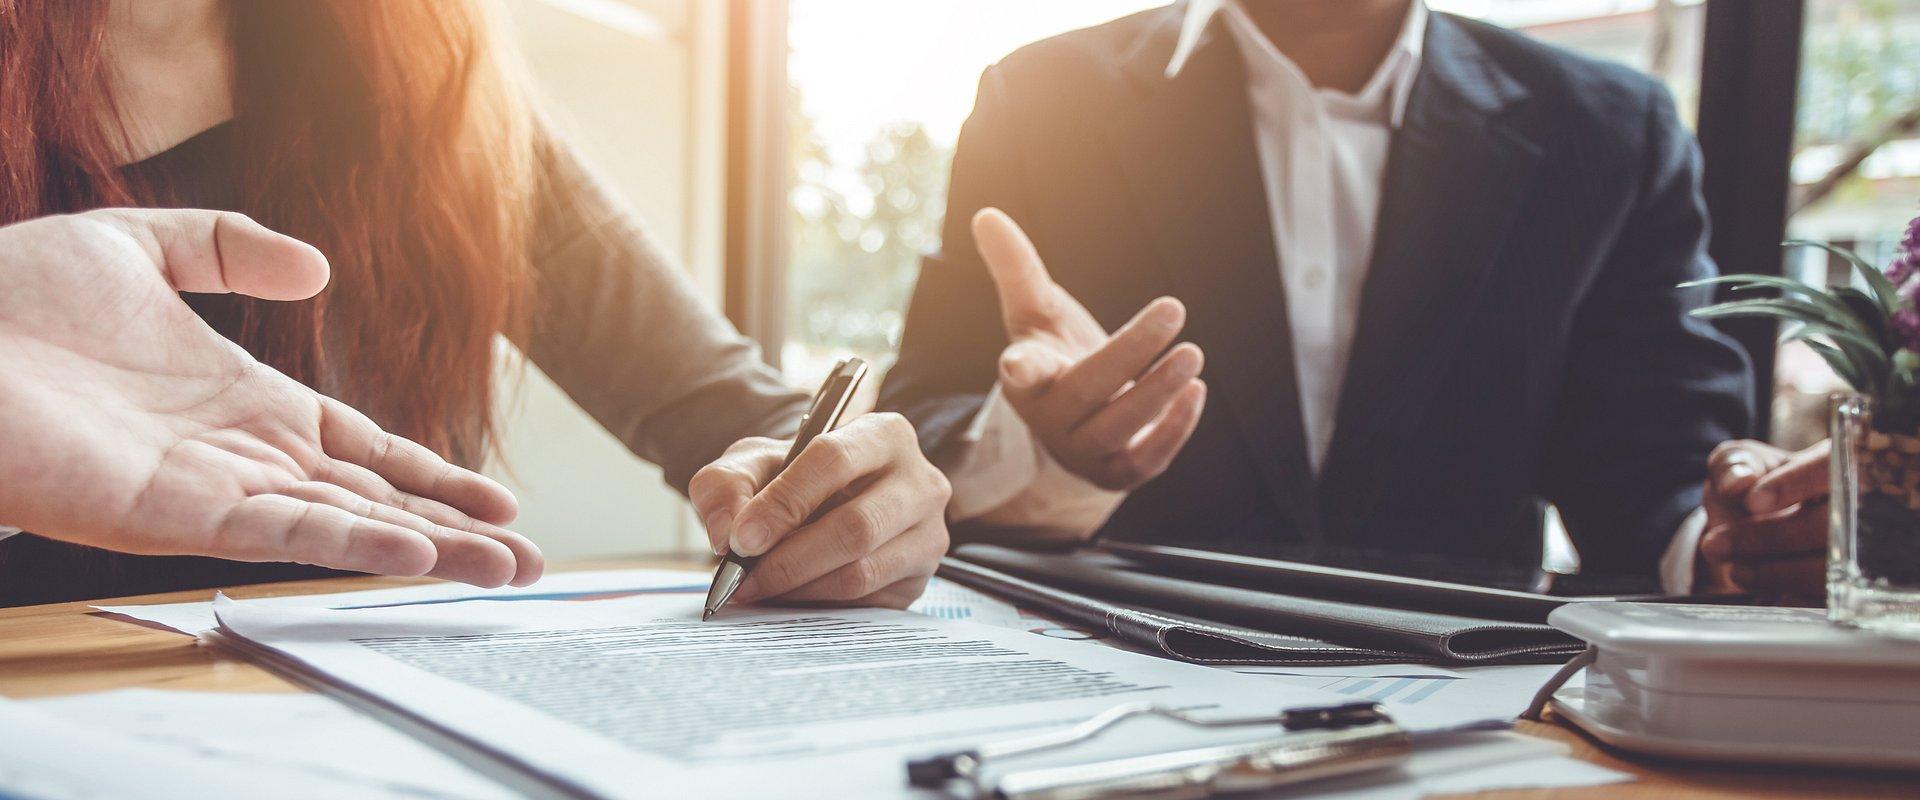 Ruszają Pracownicze Plany Kapitałowe – mogą przynieść duże korzyści polskiej gospodarce i przyszłym emerytom